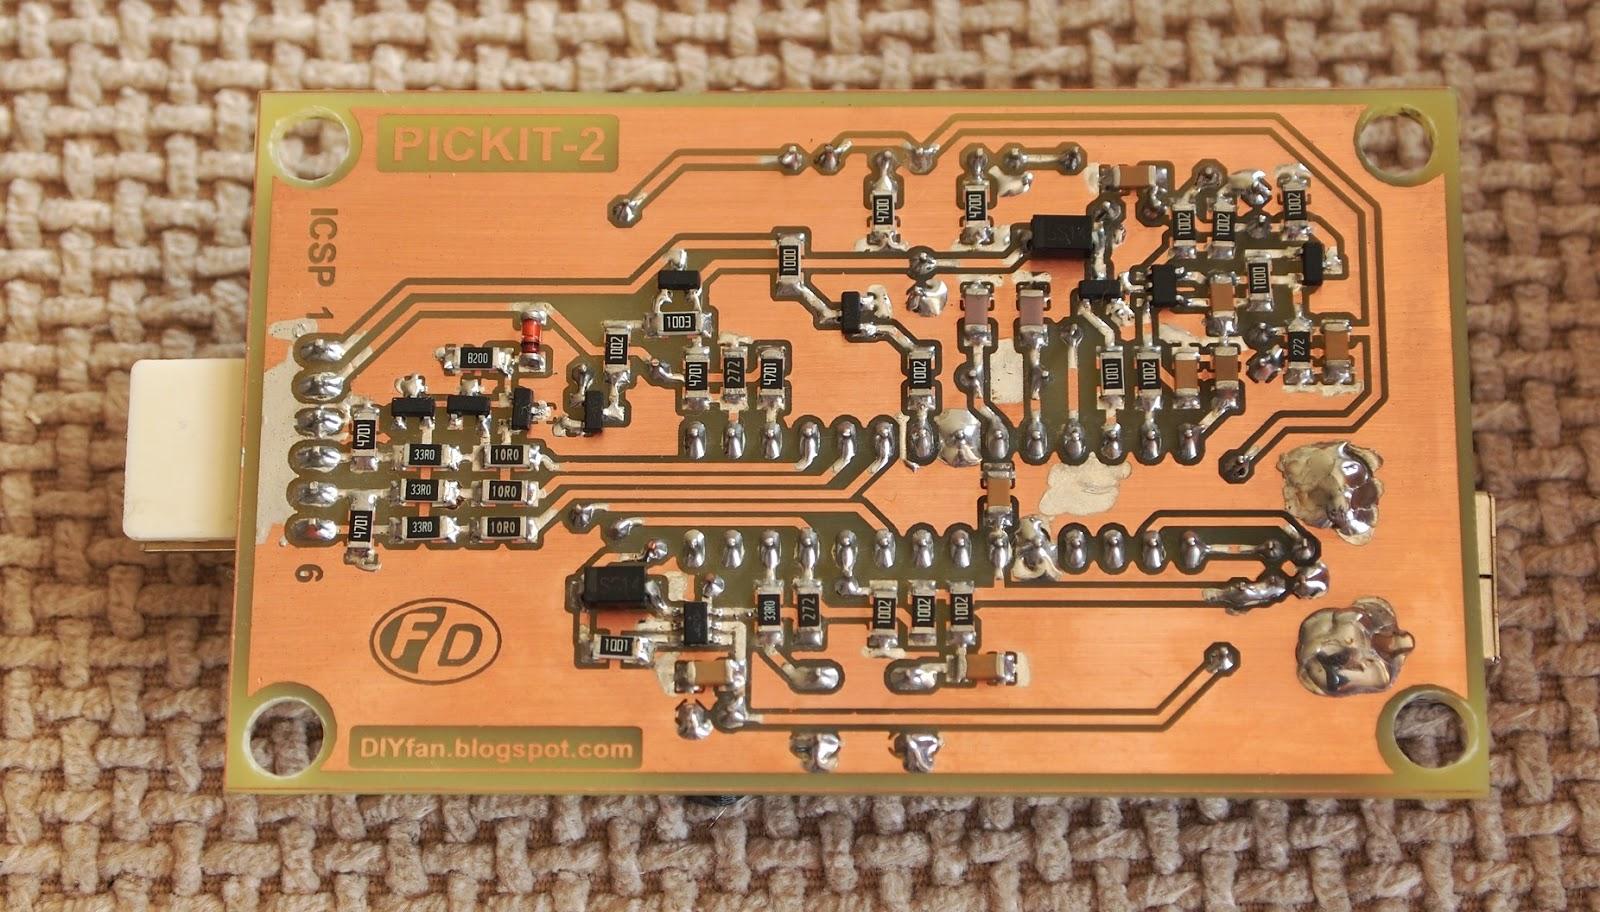 Tremendous Pickit 1 Circuit Diagram Wiring Library Wiring Database Hyediarchgelartorg